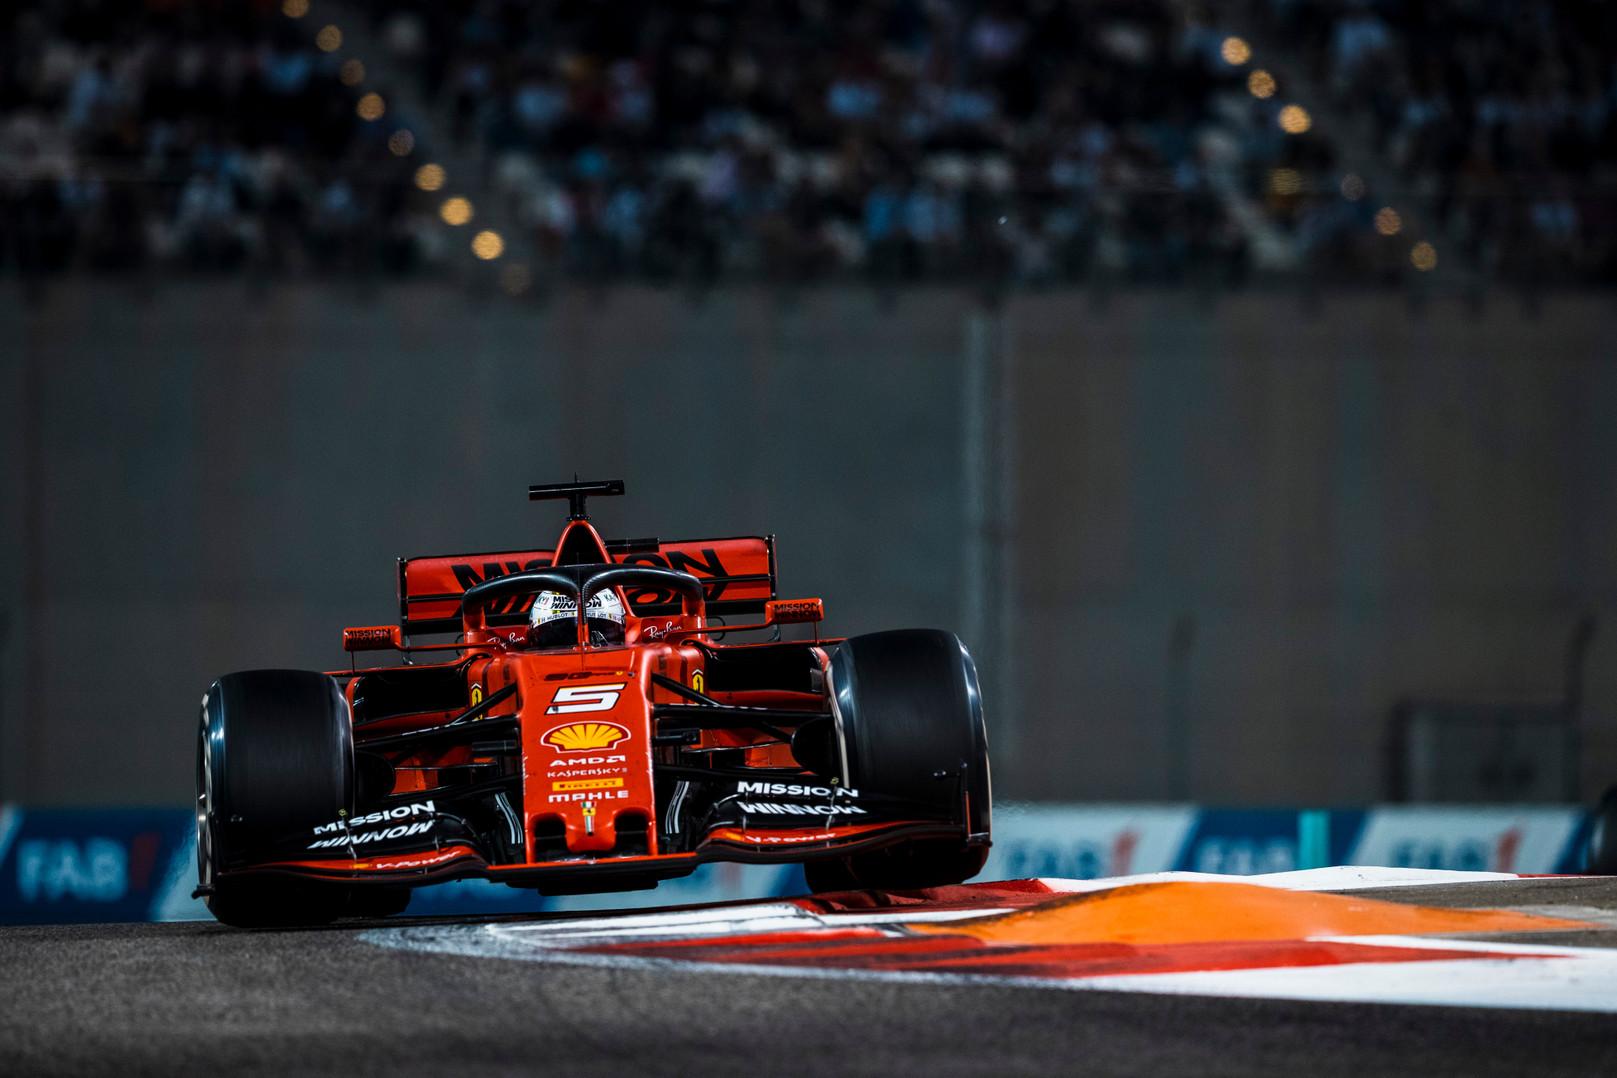 """L. Turini įvertino S. Vettelio išsiskyrimą su """"Ferrari"""""""